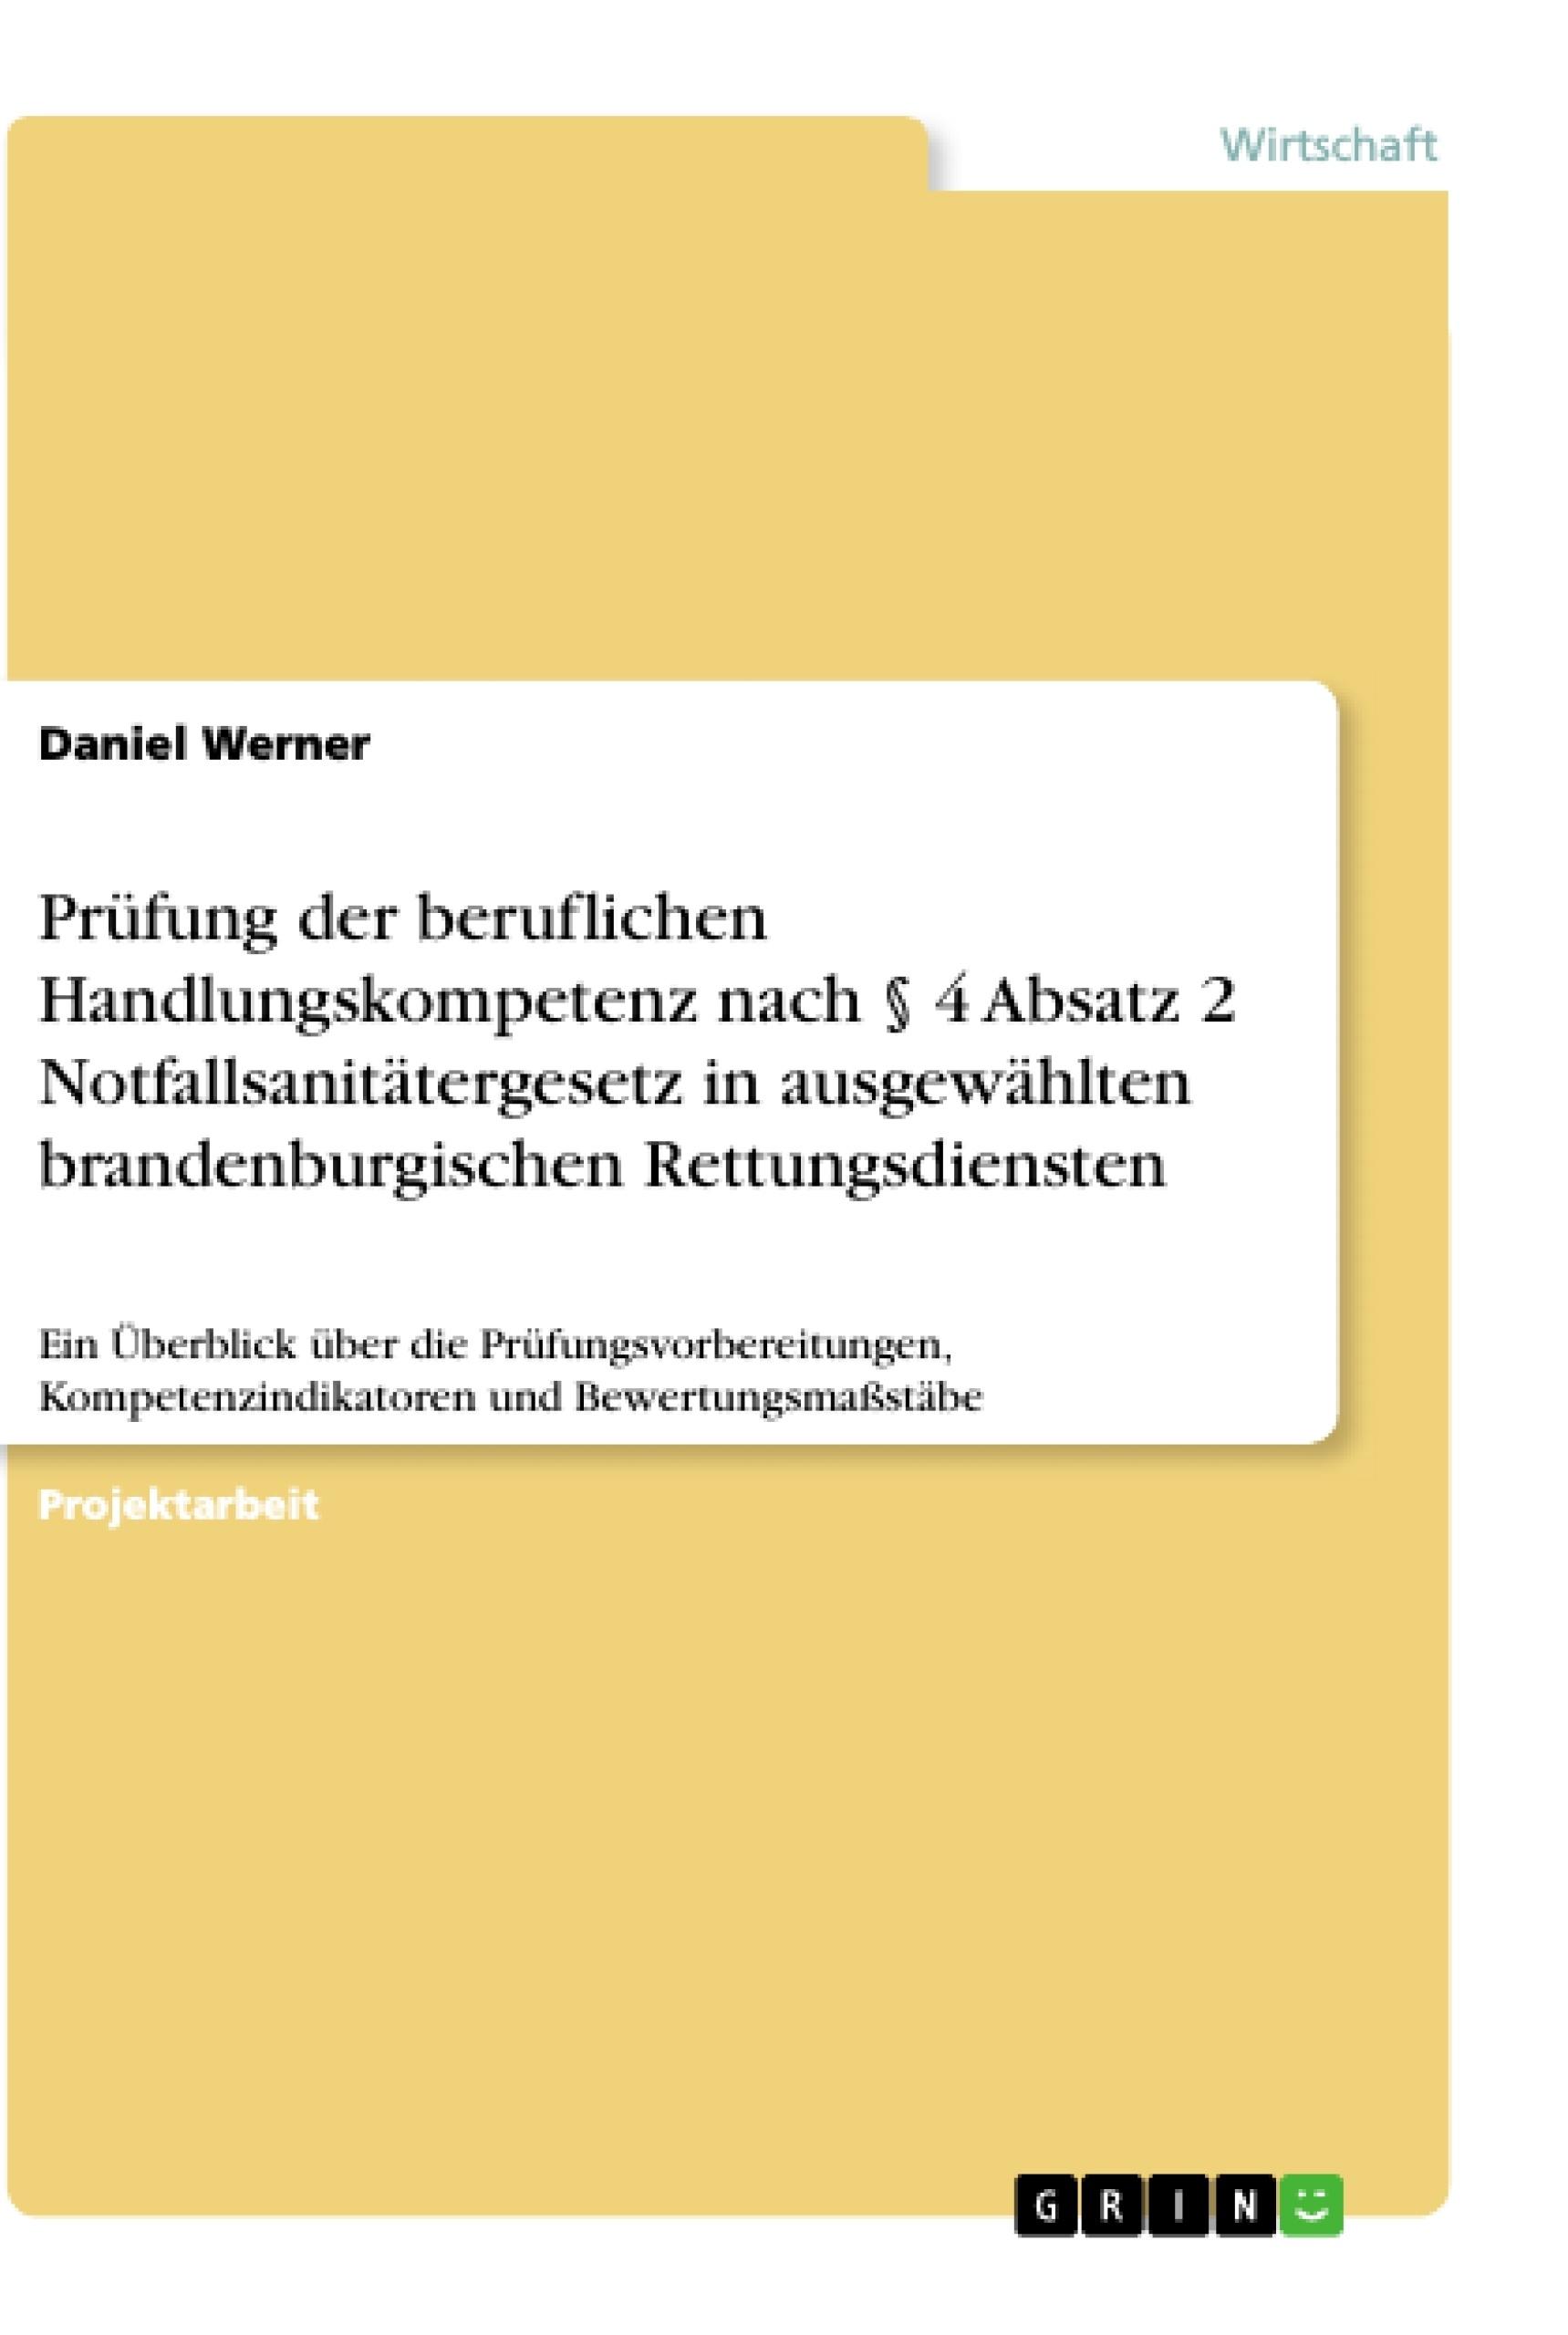 Titel: Prüfung der beruflichen Handlungskompetenz nach § 4 Absatz 2 Notfallsanitätergesetz in ausgewählten brandenburgischen Rettungsdiensten